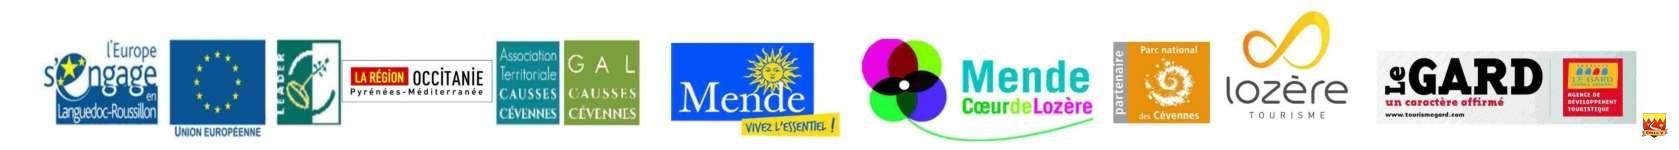 planche logos-001